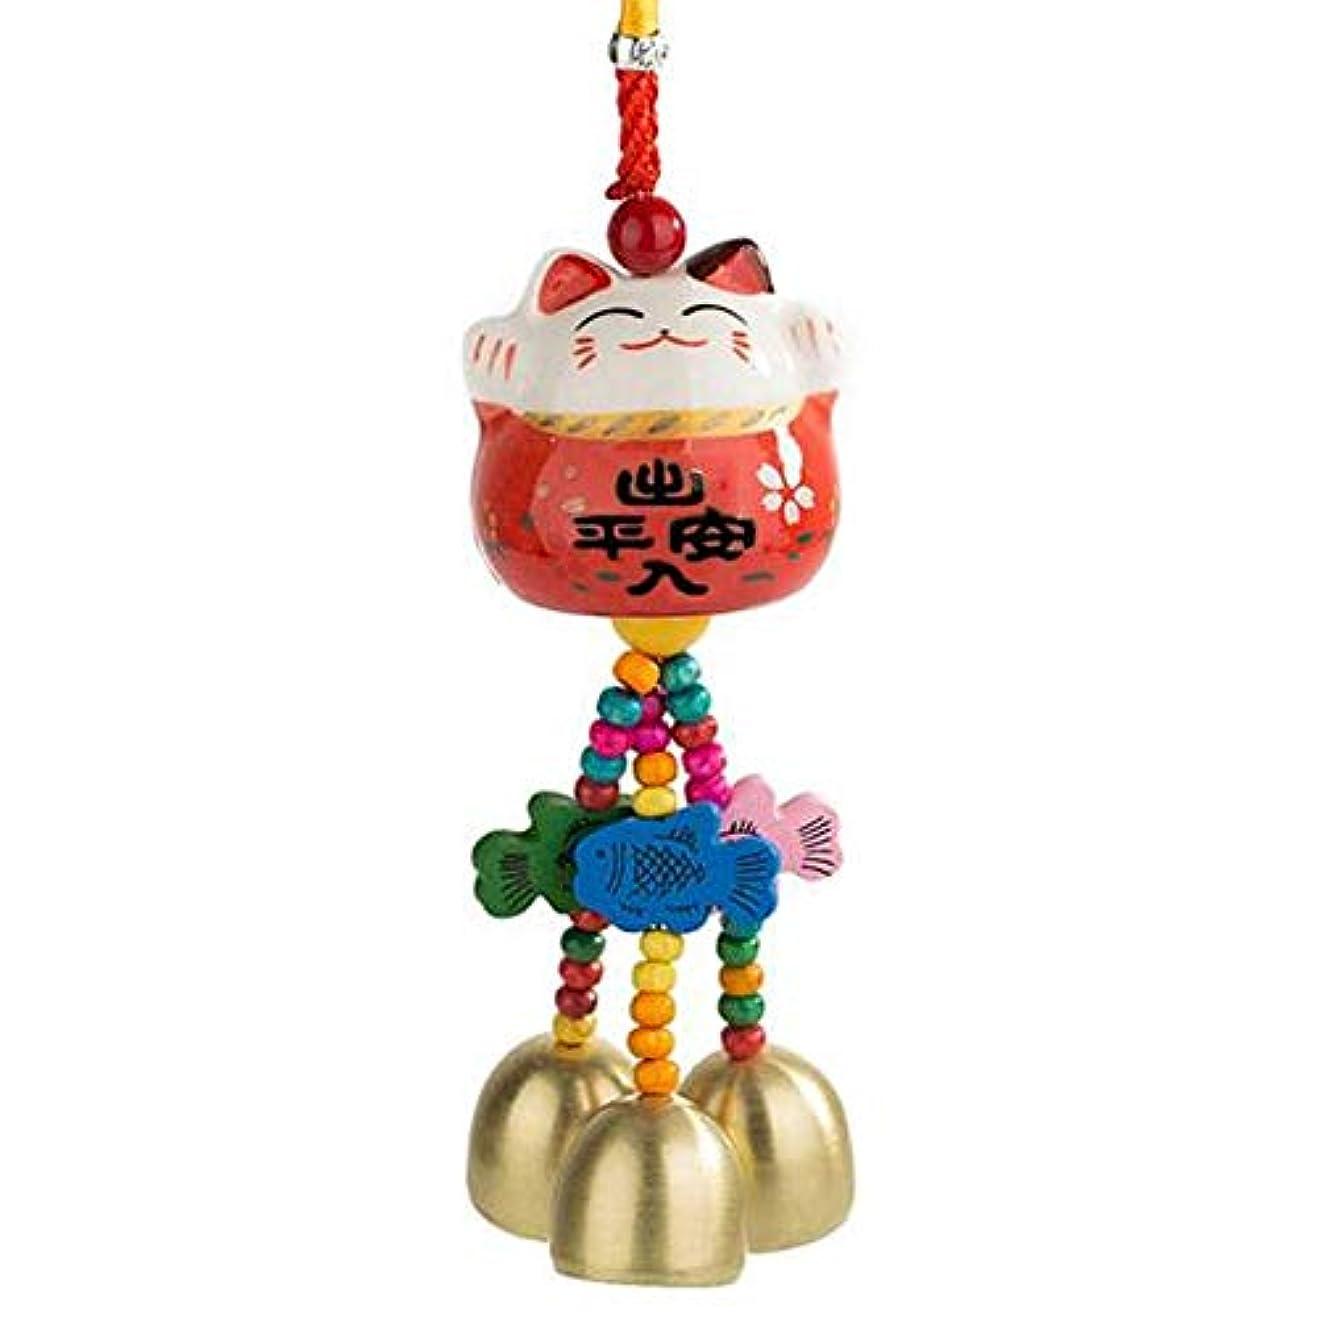 用心深い拳雨Youshangshipin 風チャイム、かわいいクリエイティブセラミック猫風の鐘、ブルー、ロング28センチメートル,美しいギフトボックス (Color : Red)